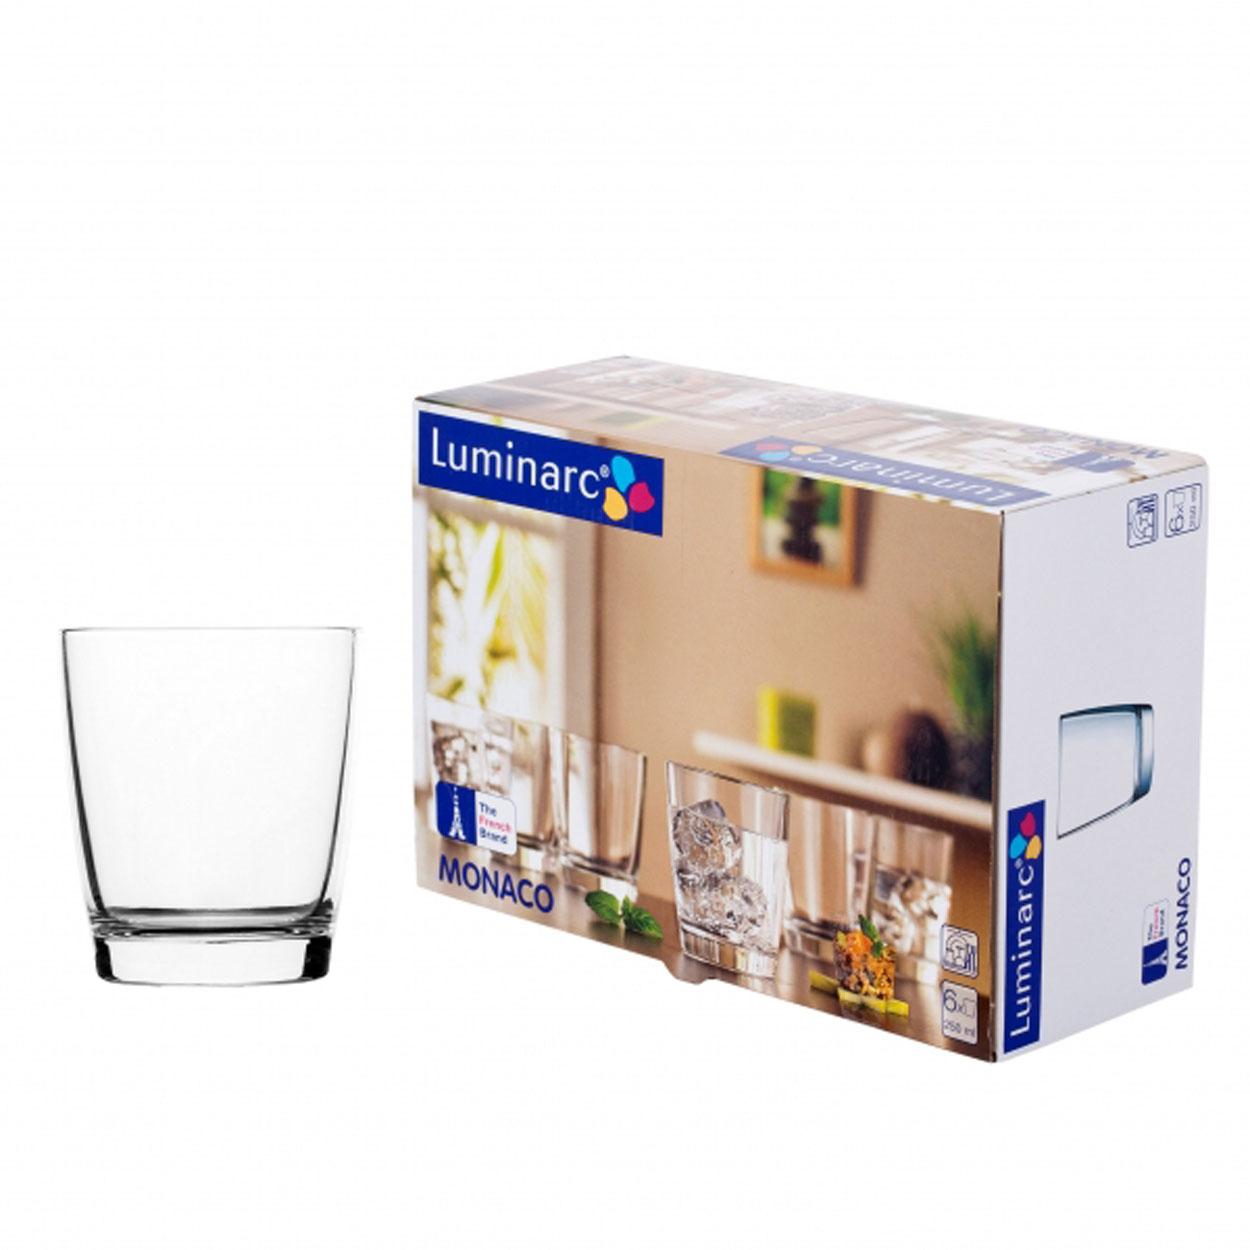 Набор стаканов Luminarc Монако, 250 мл, 6 штH5124Набор Luminarc Монако состоит из 6 низких стаканов, выполненных из высококачественного стекла. Изделия подходят для сока, воды, лимонада и других напитков. Такой набор станет прекрасным дополнением сервировки стола, подойдет для ежедневного использования и для торжественных случаев. Можно мыть в посудомоечной машине. Объем стакана: 250 мл. Высота стакана: 8,7 см. Диаметр стакана: 7,5 см.